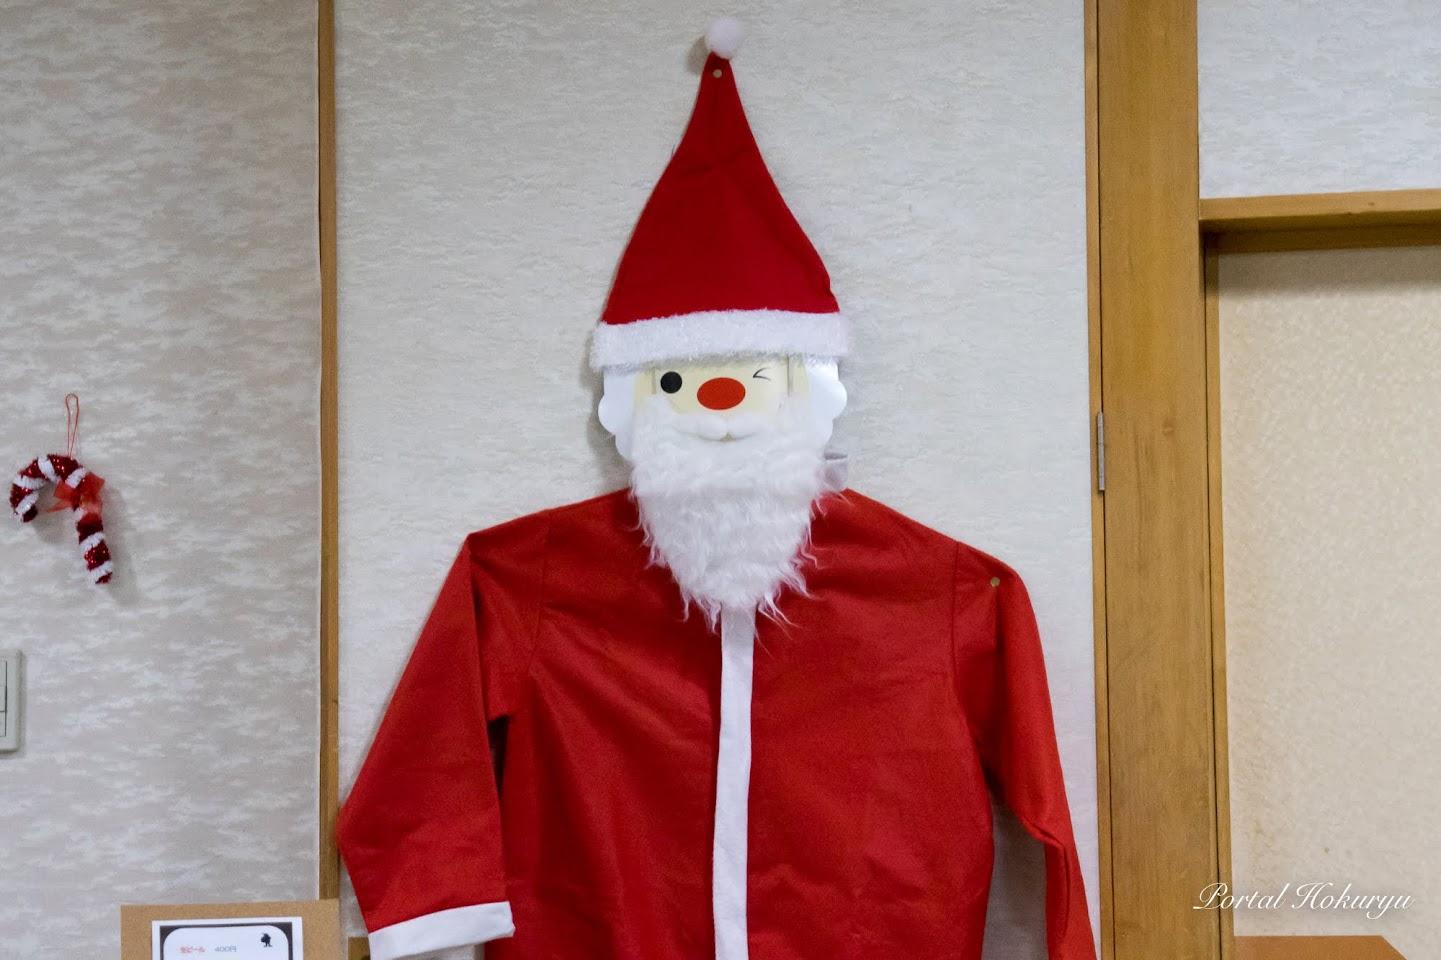 メリークリスマス、そして良いお年を